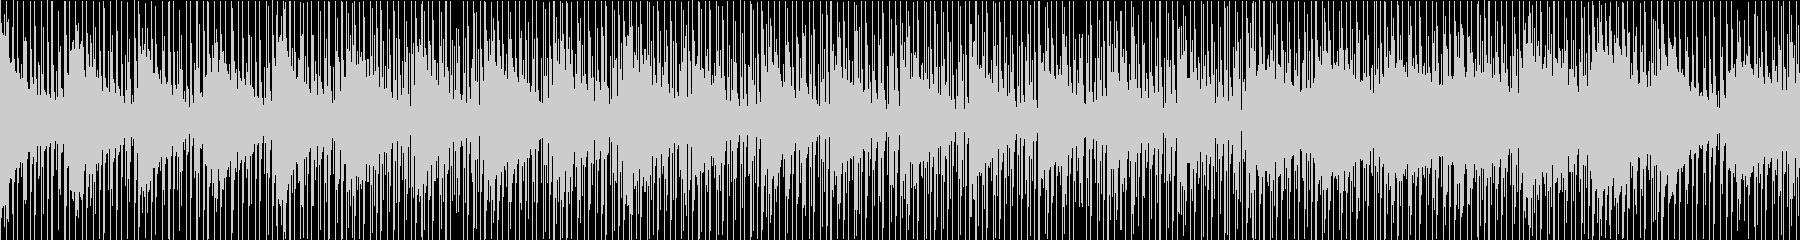 ドキュメンタリーなインスト(ループ)の未再生の波形